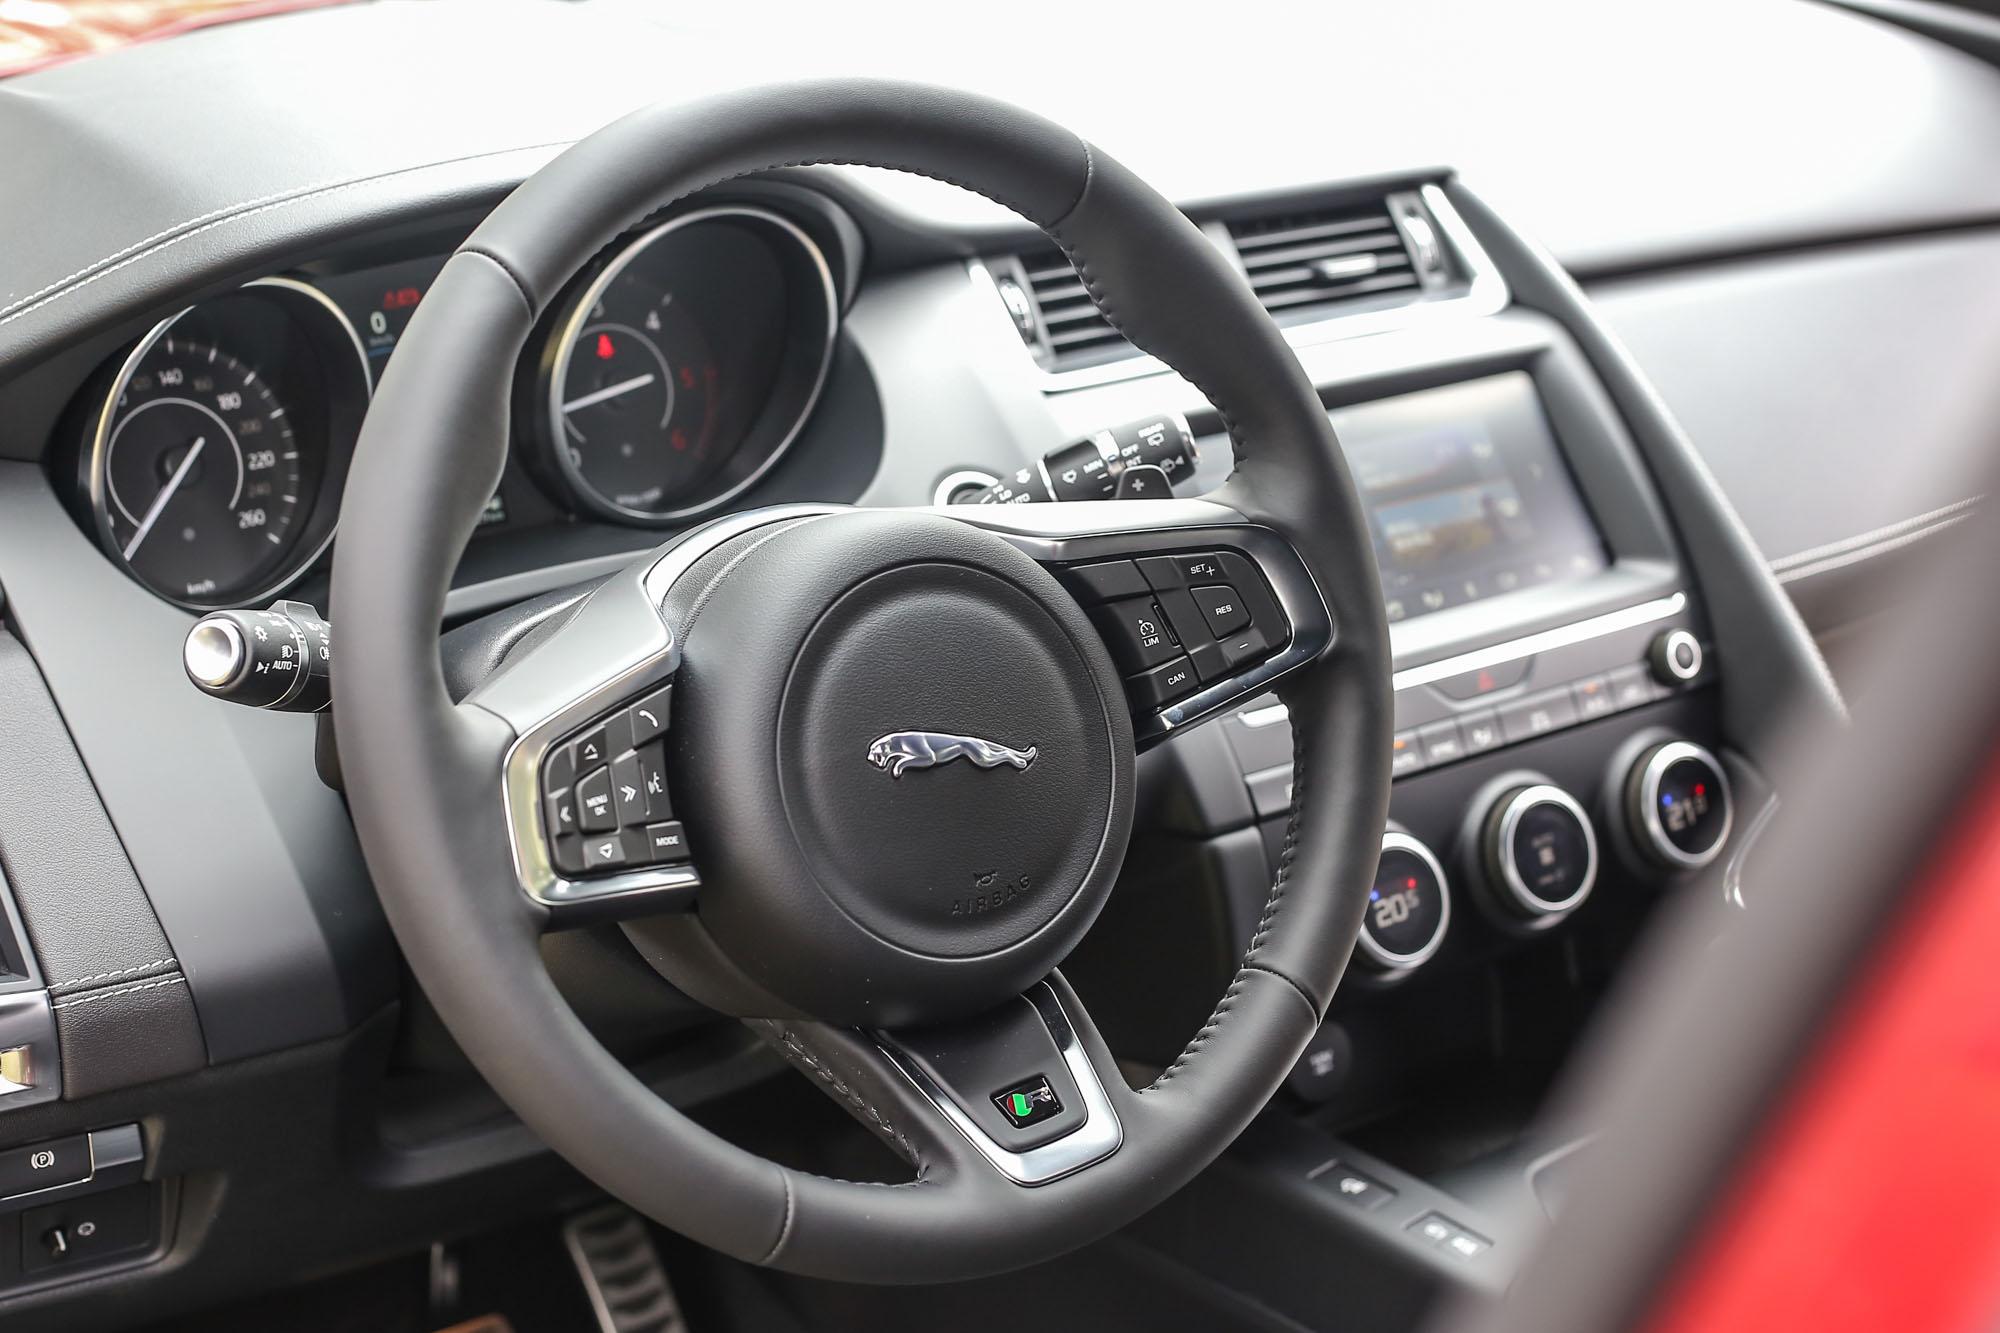 R-Dynamic車型才配備的多功能跑車方向盤並附上換檔撥片。